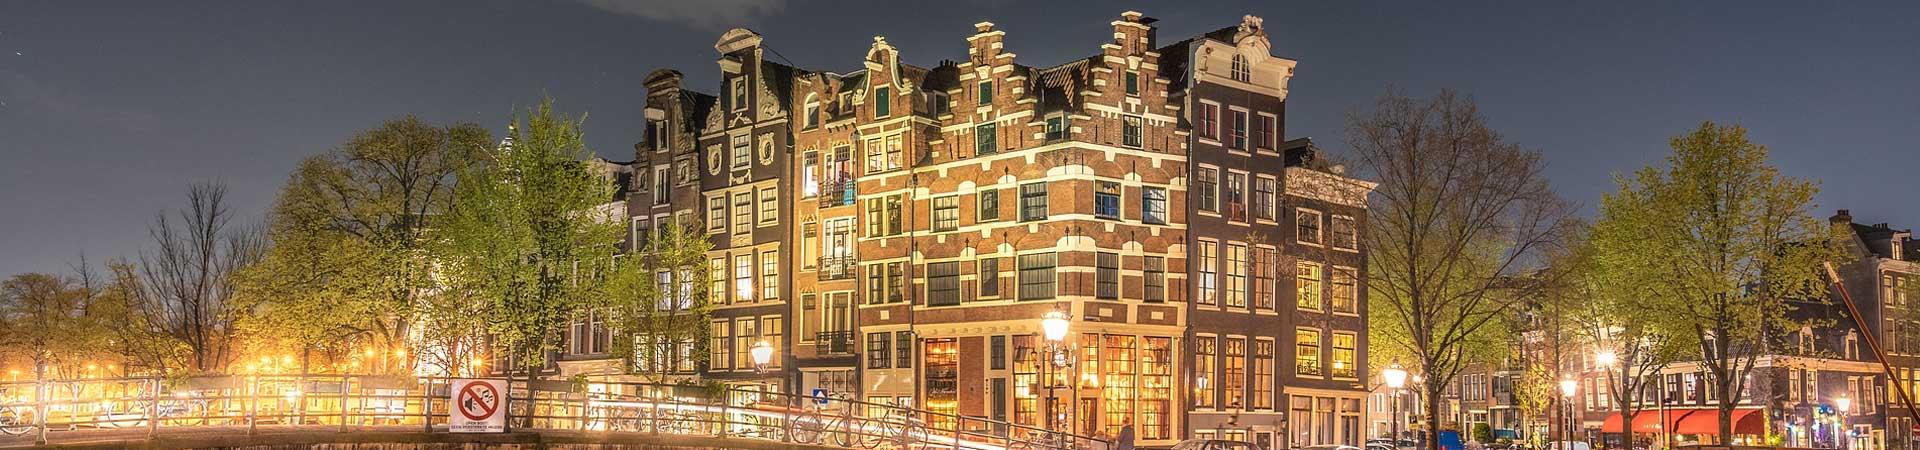 7D6N Netherlands & Belgium